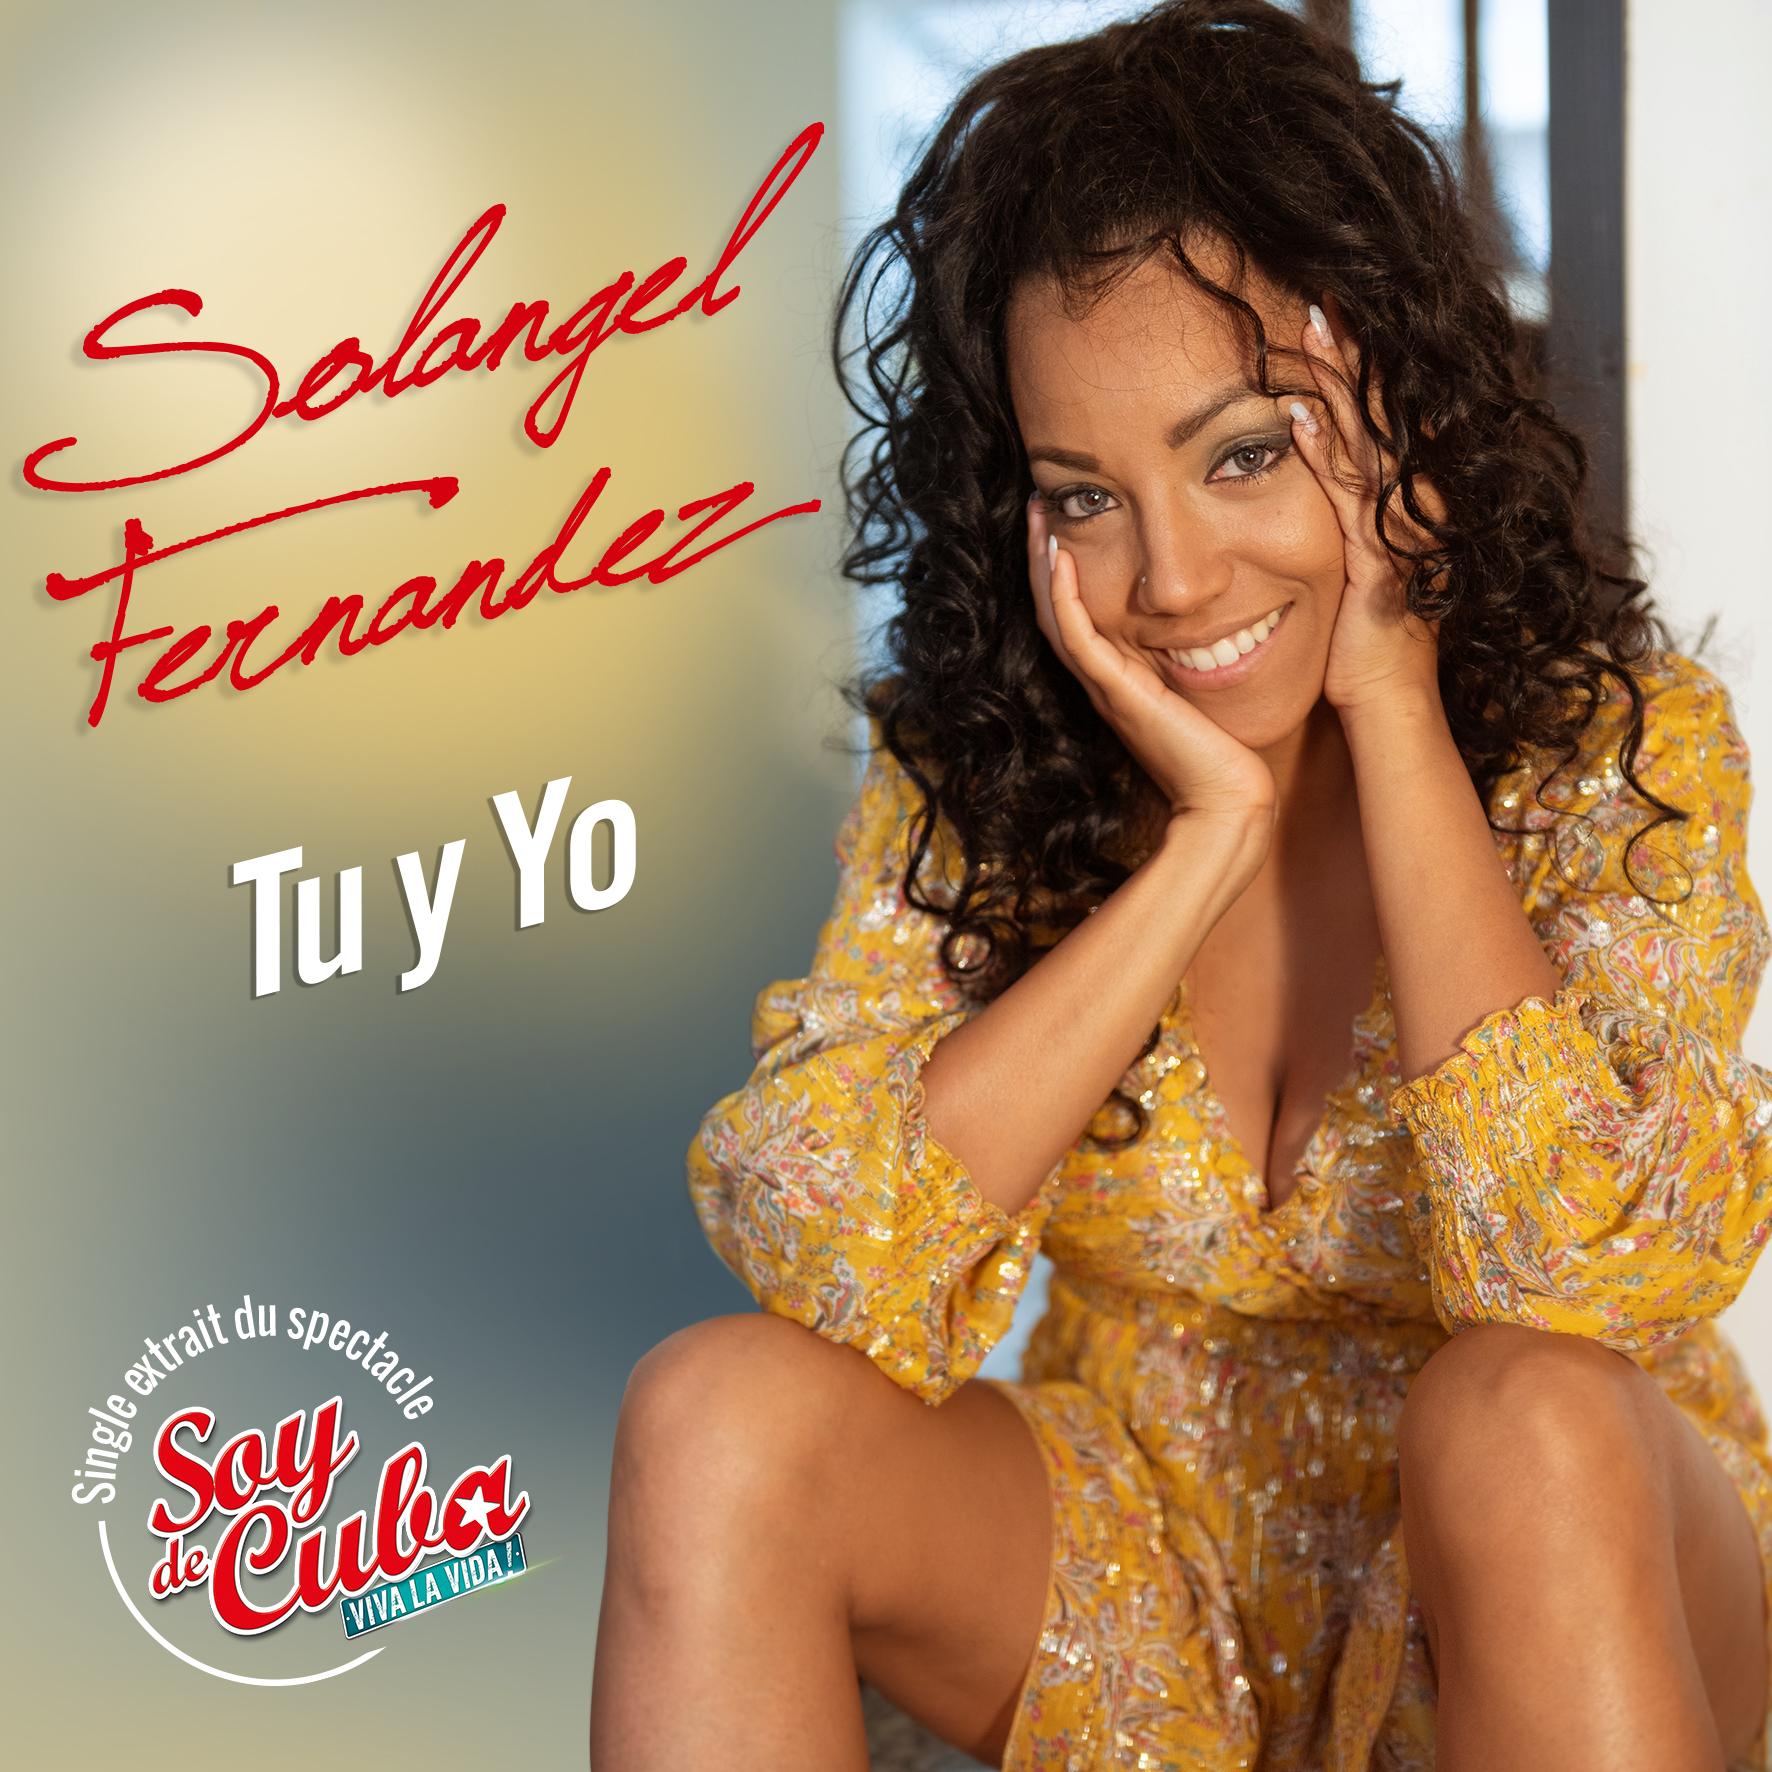 SOLANGEL FERNANDEZ  SOY DE CUBA sur Radio latina